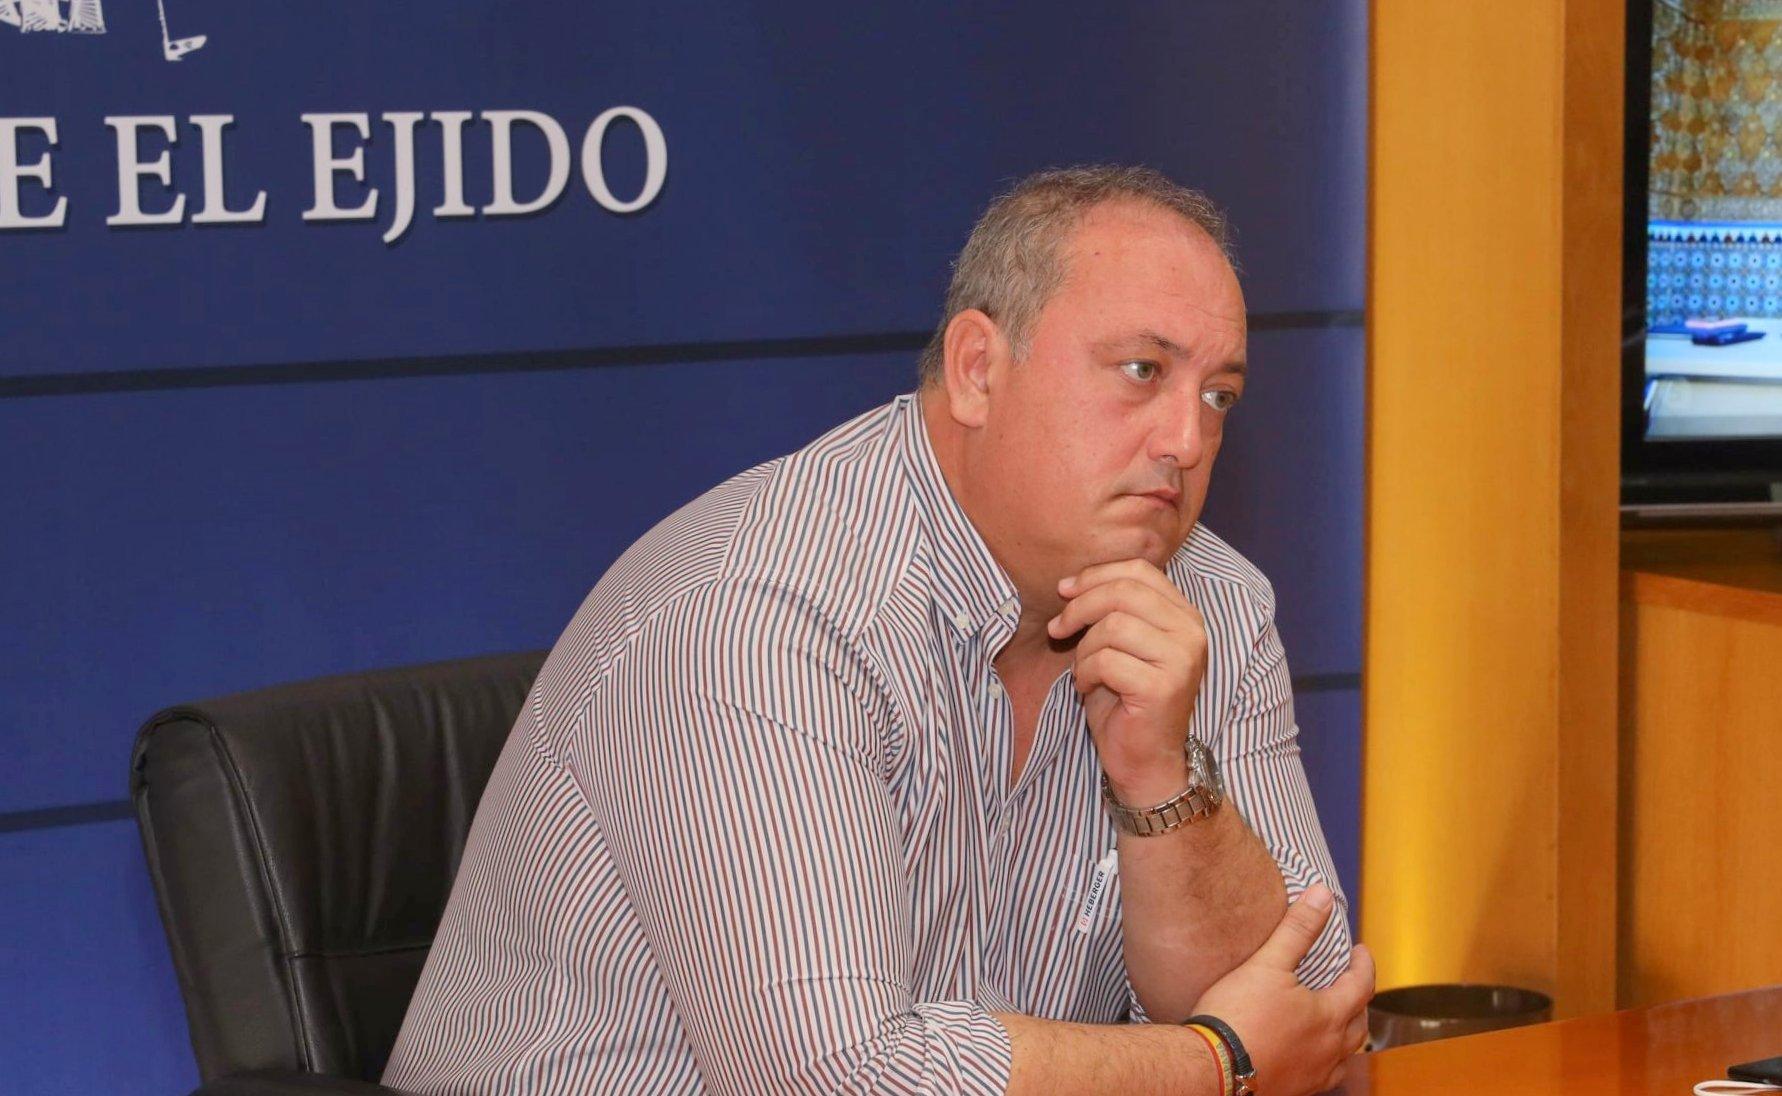 El gobierno local destinará cerca de 300.000 euros en los trabajos de mejora de la accesibilidad al Ayuntamiento, proyecto incluido en la EDUSI y cofinanciado al 80% por los fondos FEDER